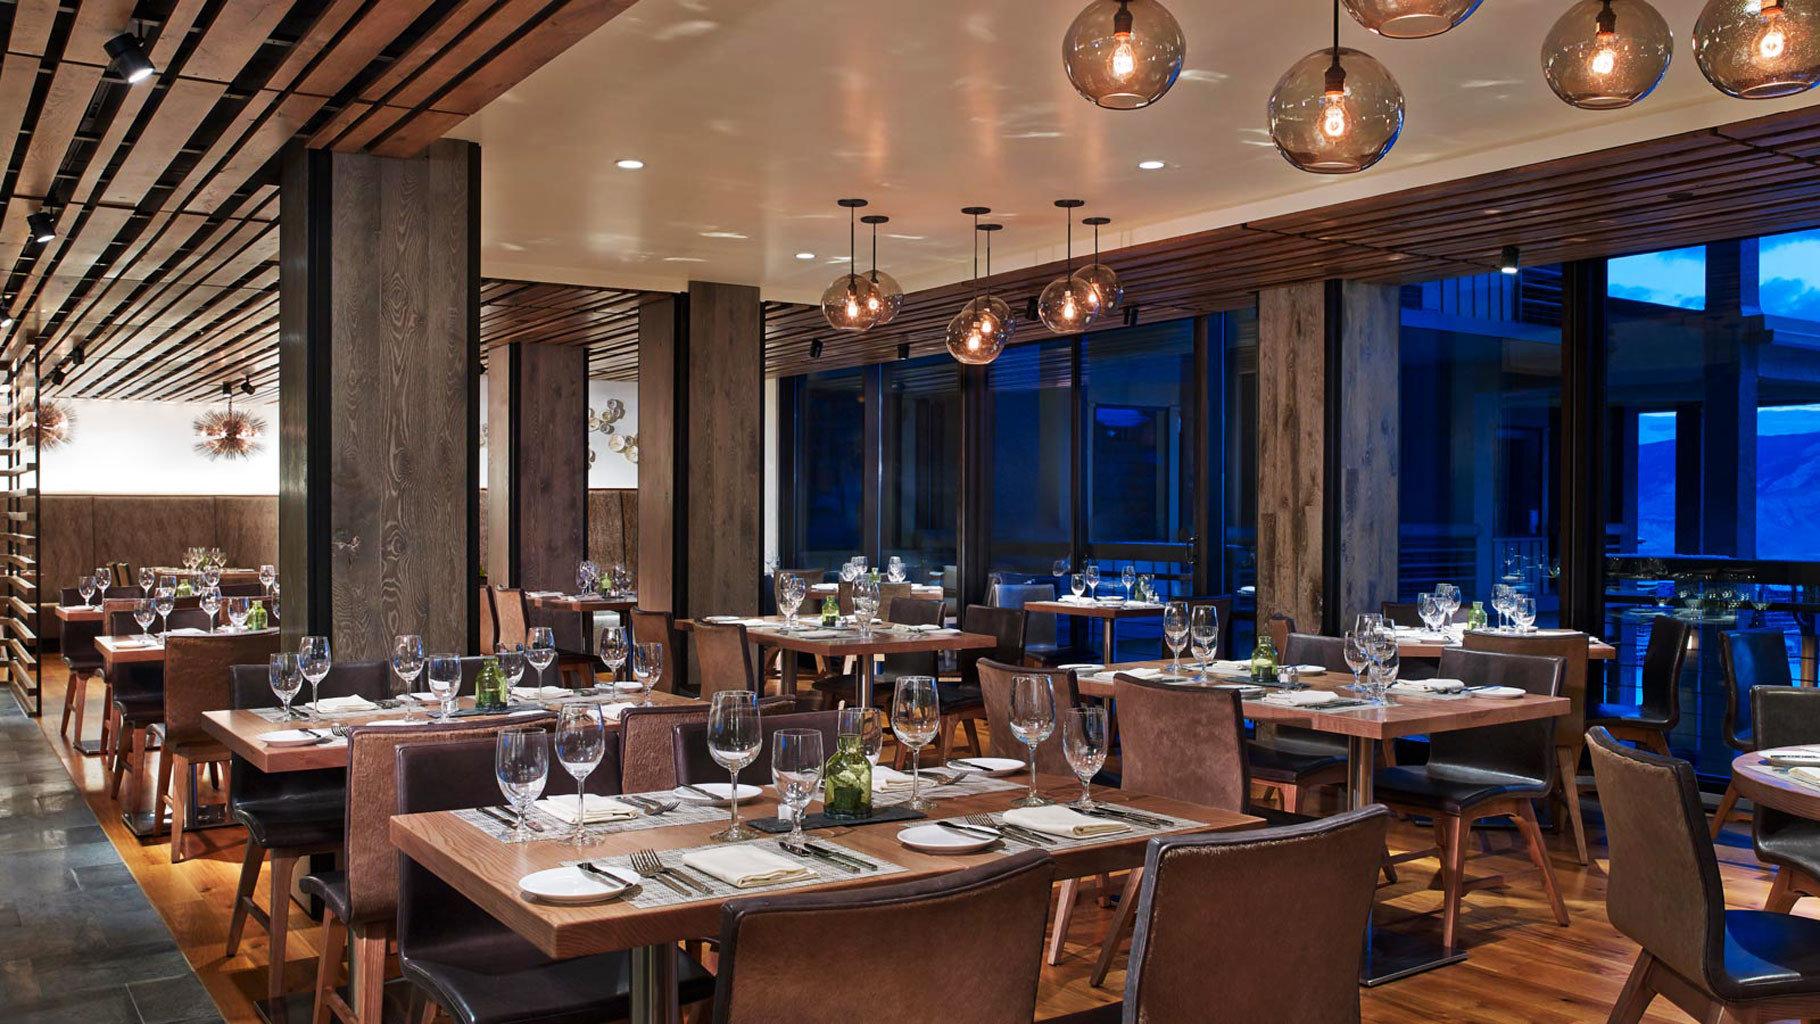 Dining restaurant Bar function hall Resort Island café